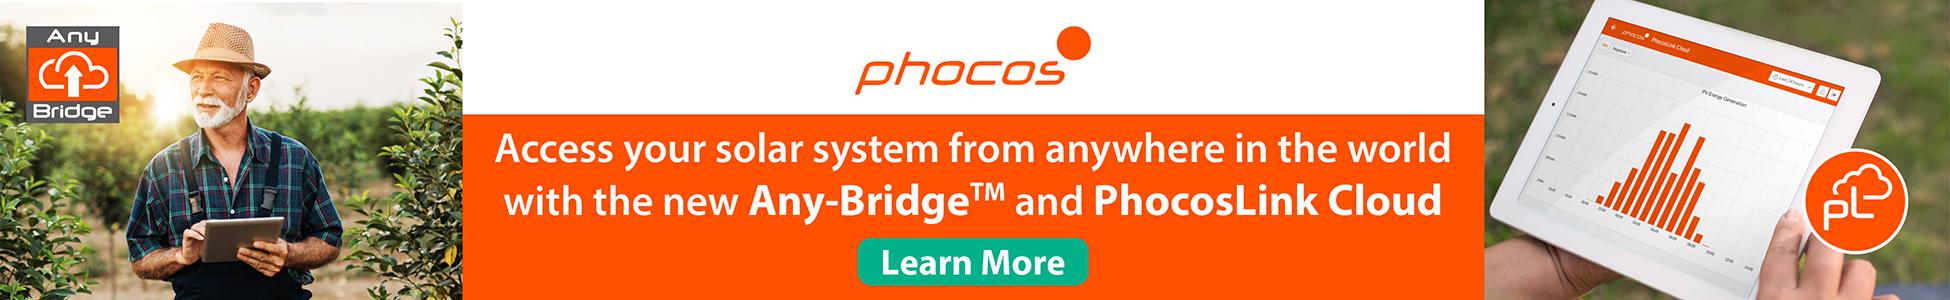 https://www.phocos.com/phocoslink-cloud/